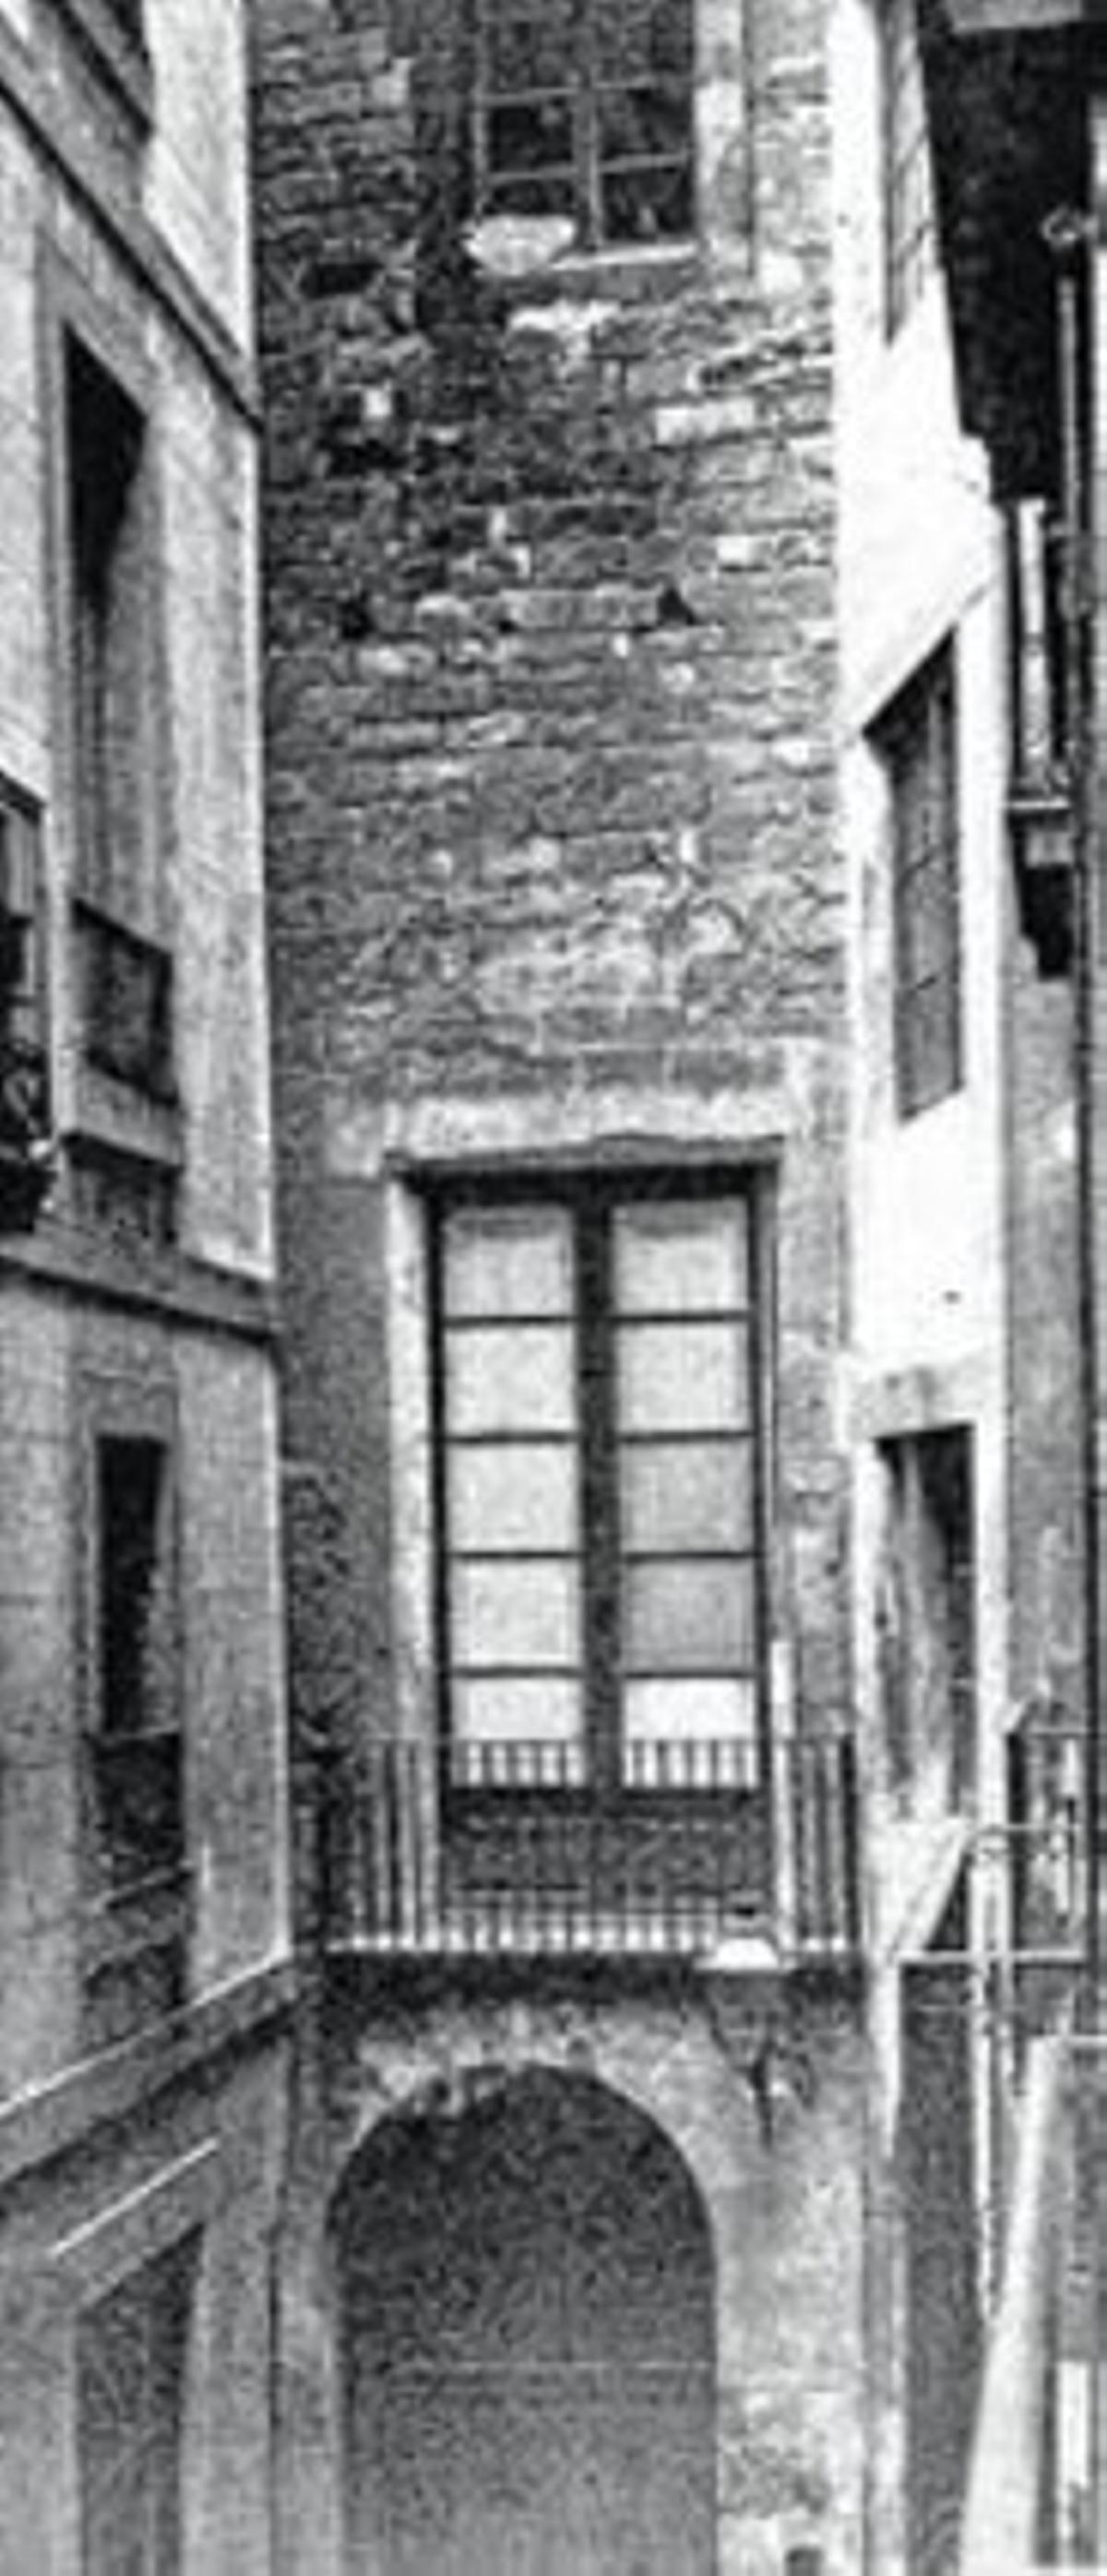 KILÓMETRO CERO3 El Centre Excursionista está situado en el monte Tàber, la cima más alta de la ciudad romana. Es también el punto de partida de la serie de restauraciones que dieron pie al actual barrio Gòric de Barcelona.